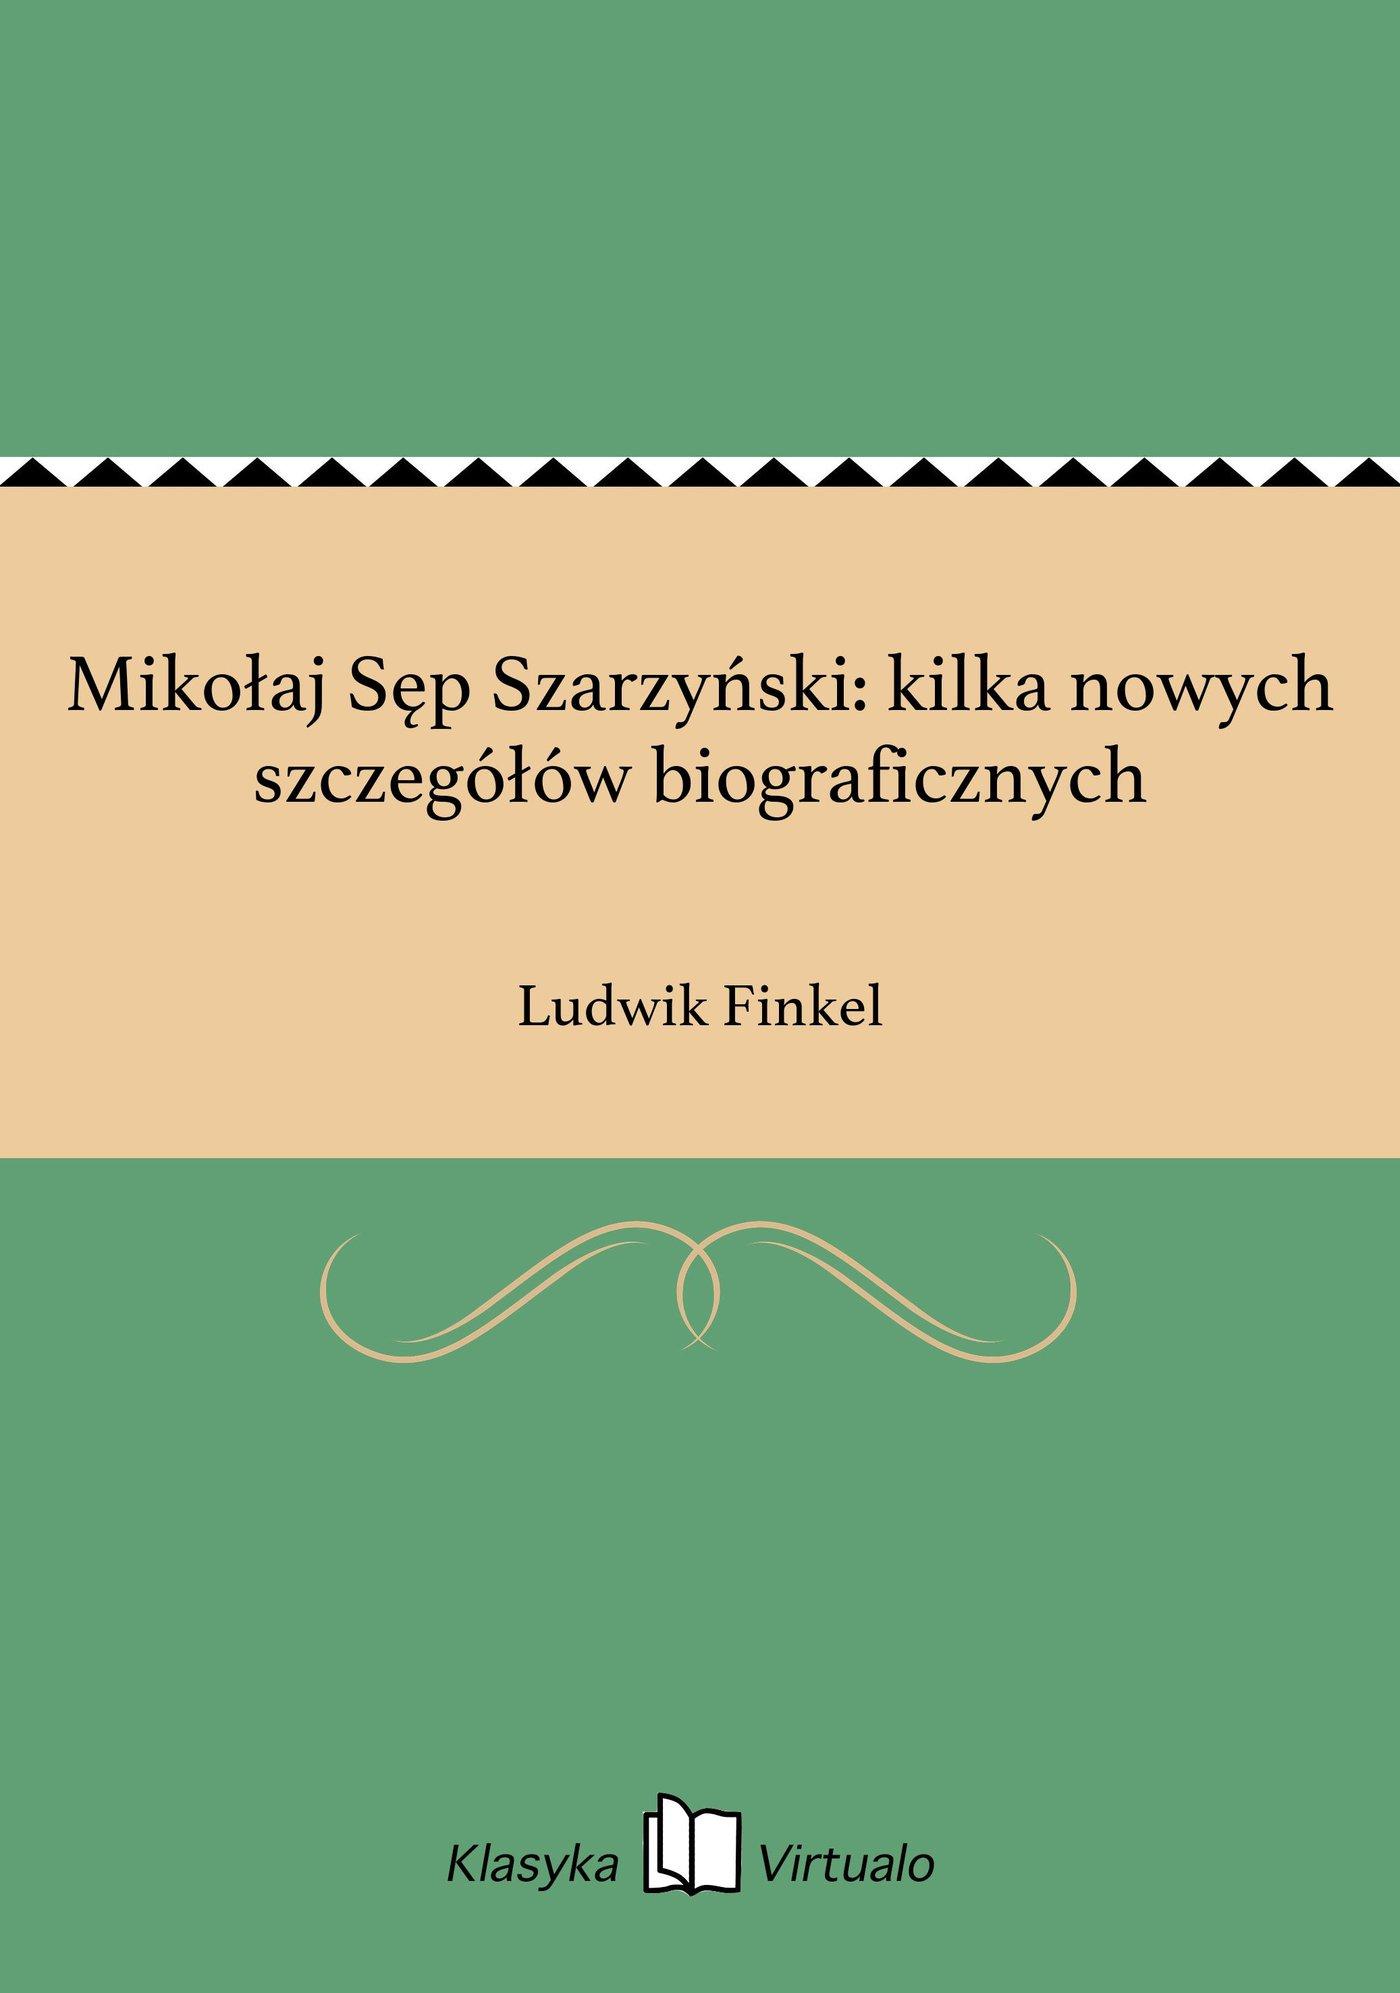 Mikołaj Sęp Szarzyński: kilka nowych szczegółów biograficznych - Ebook (Książka EPUB) do pobrania w formacie EPUB